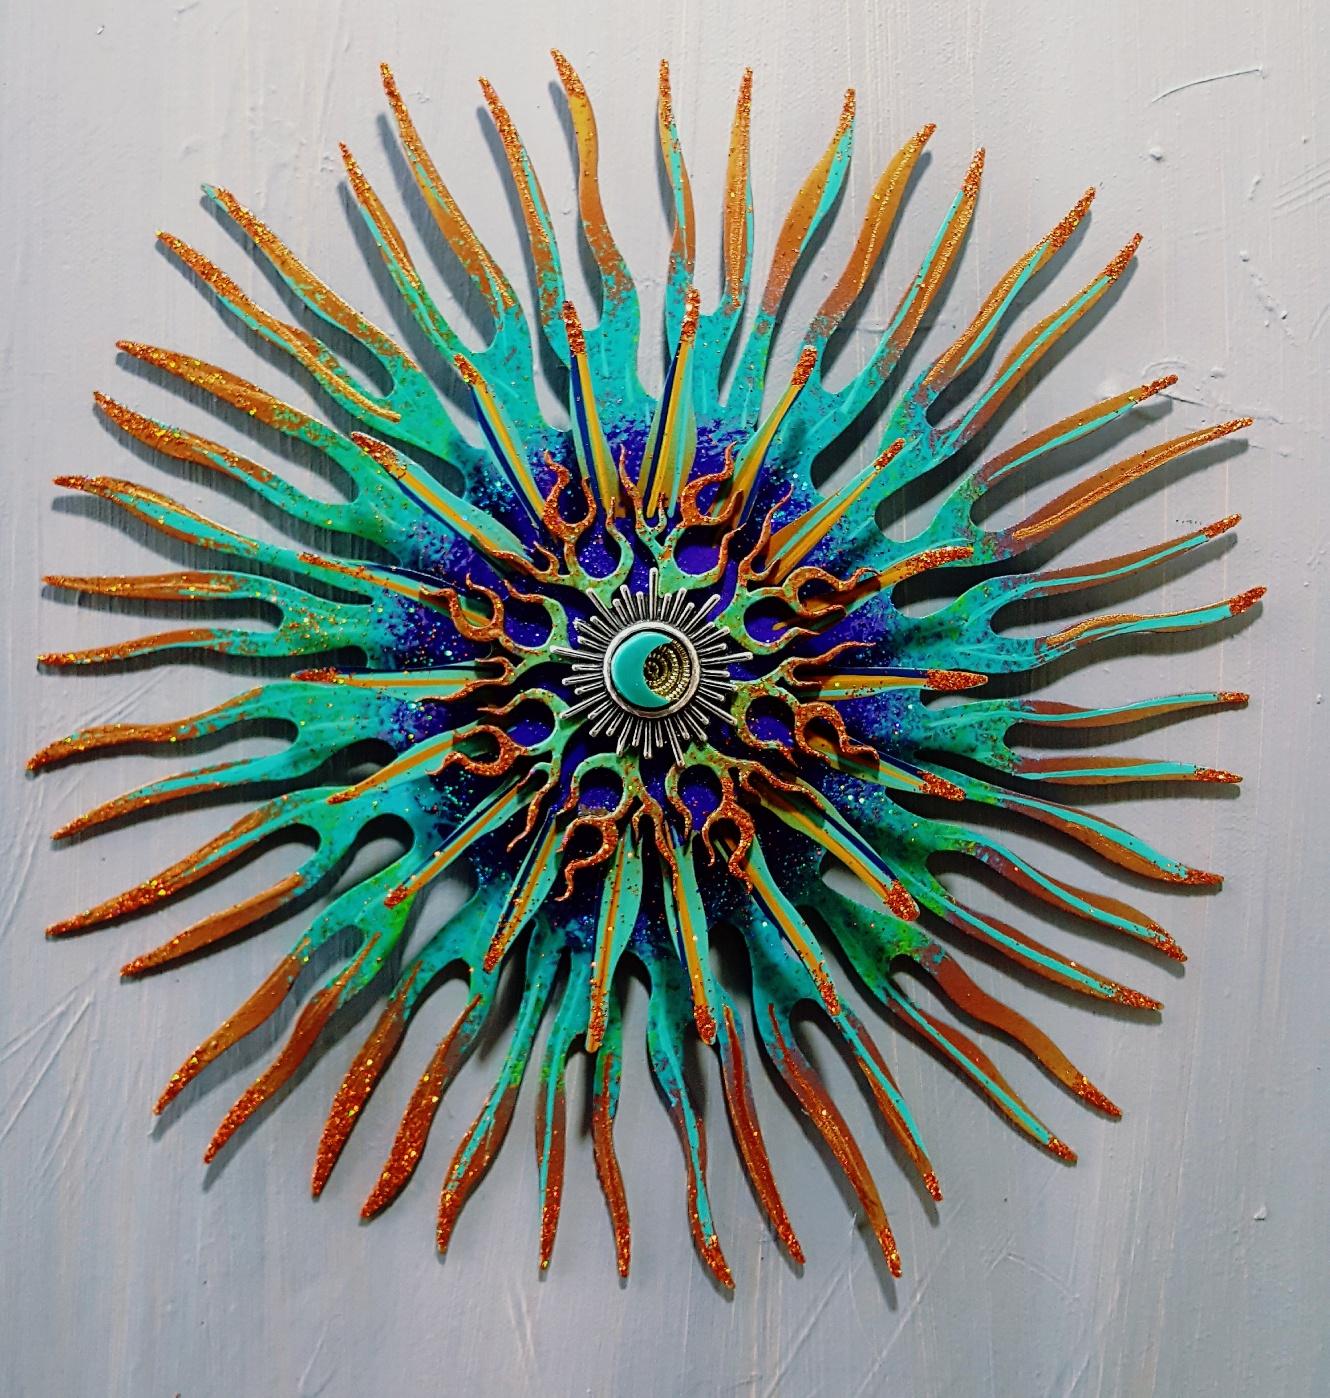 Robert Shields Creations